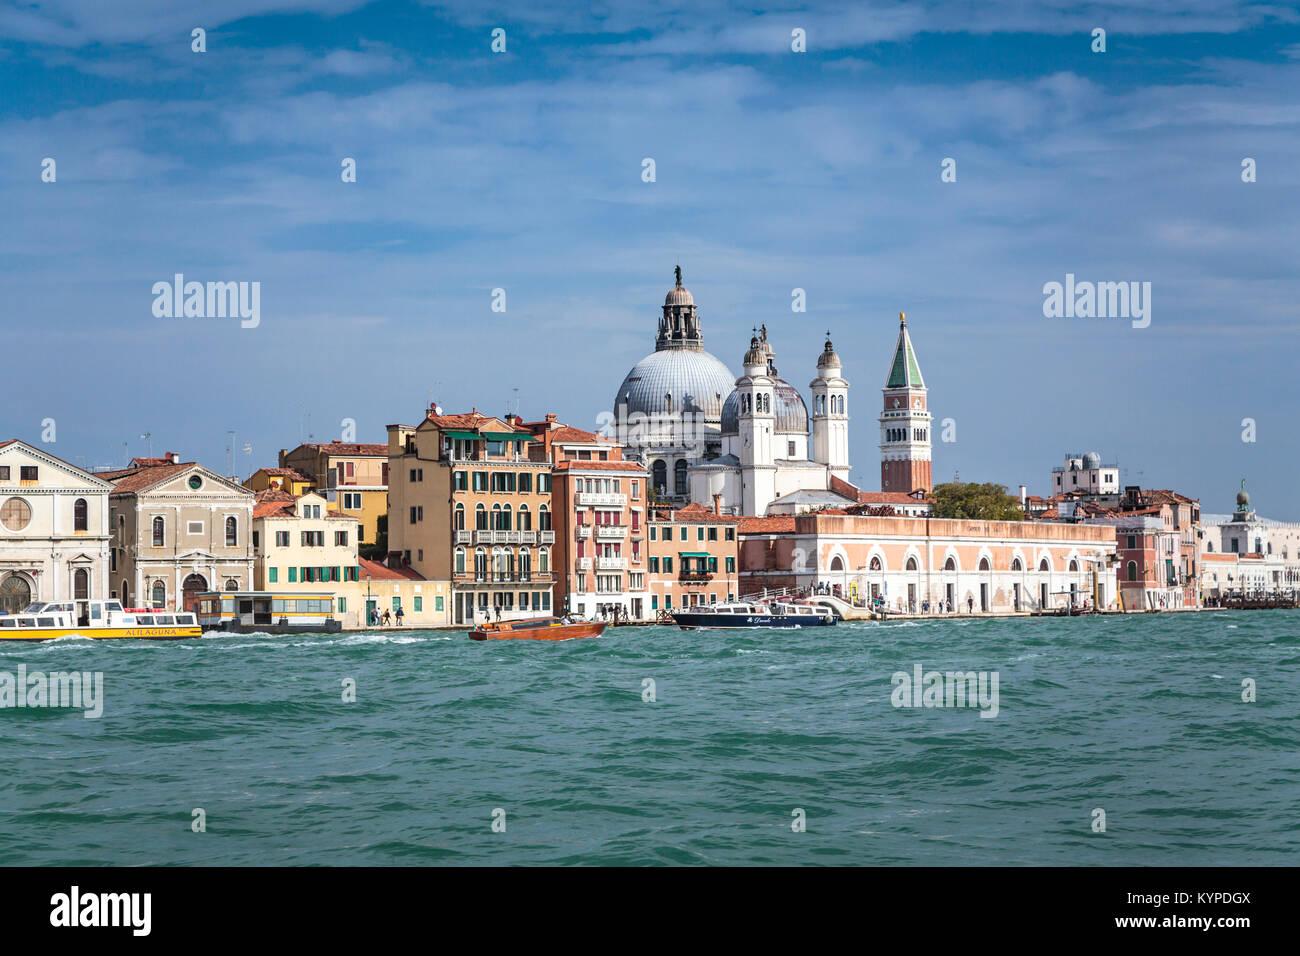 Santa Maria del Rosario chiesa in Veneto, Venezia, Italia, Europa. Immagini Stock